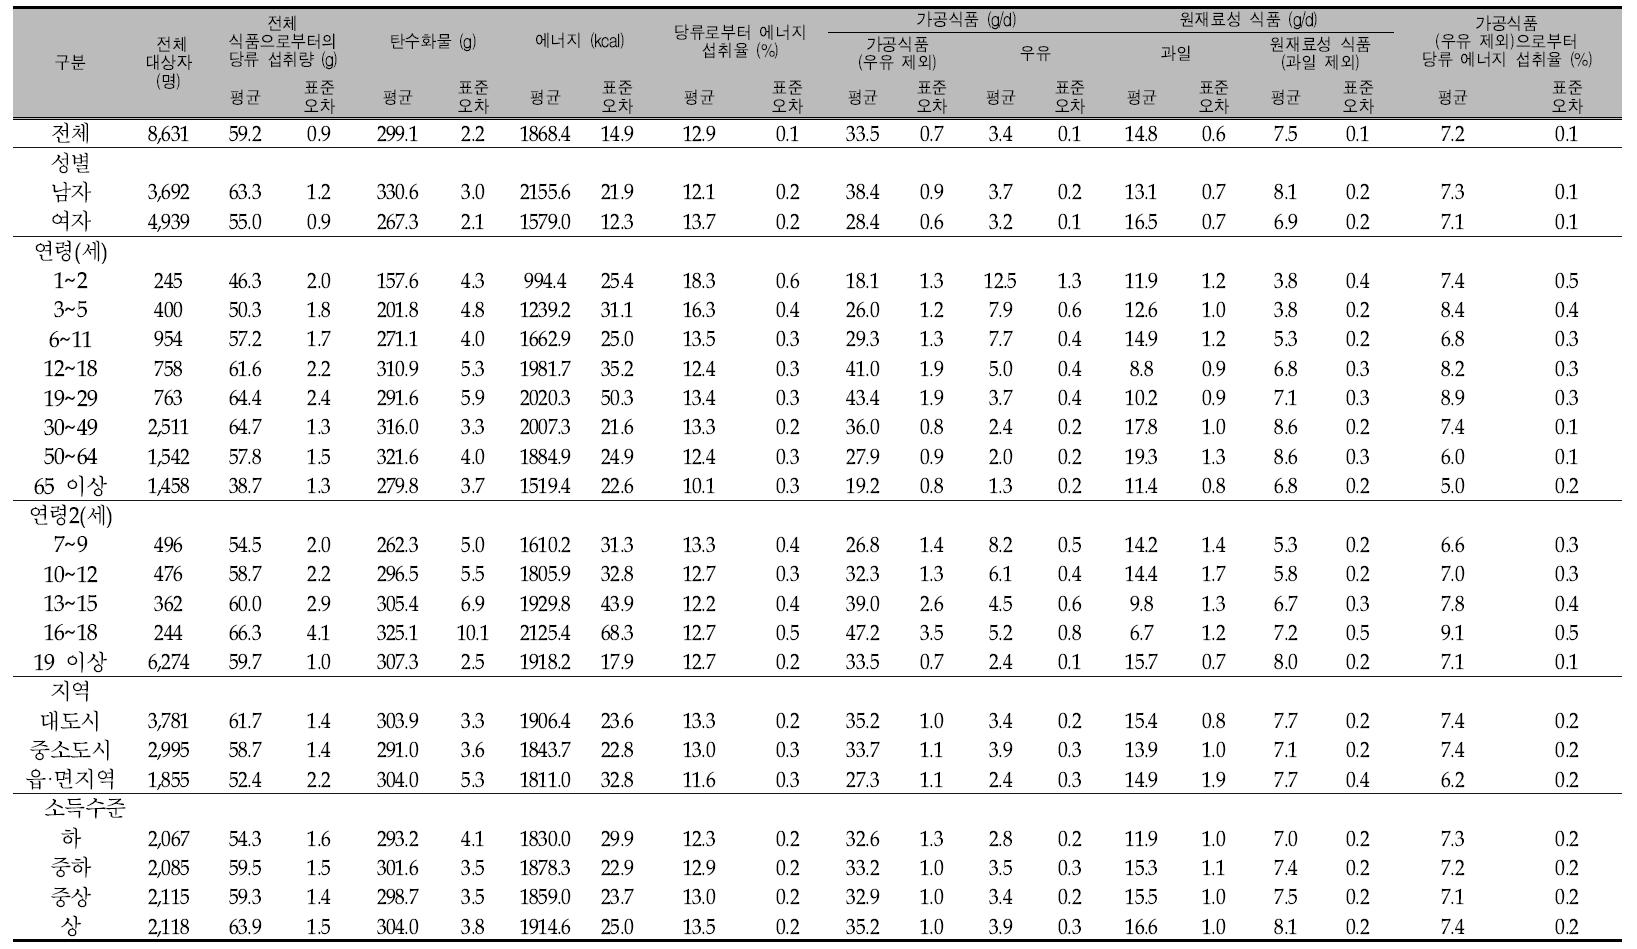 우리 국민의 1인1일 평균 당류 섭취량(성별, 연령별, 지역별, 소득수준별): 국민건강영양조사 2008년